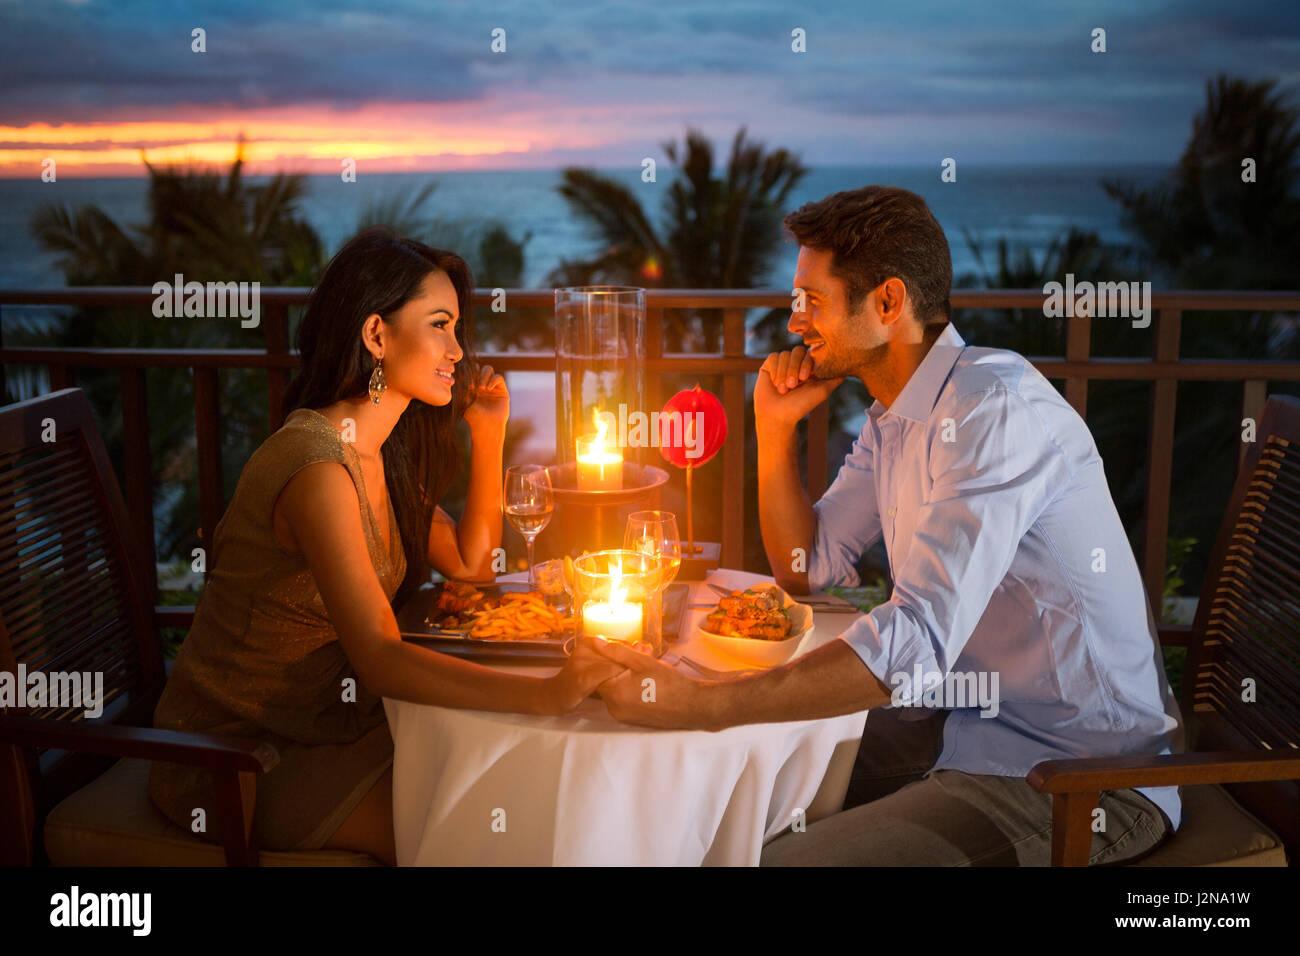 Romantisch zu zweit haben Abendessen mit Sonnenuntergang